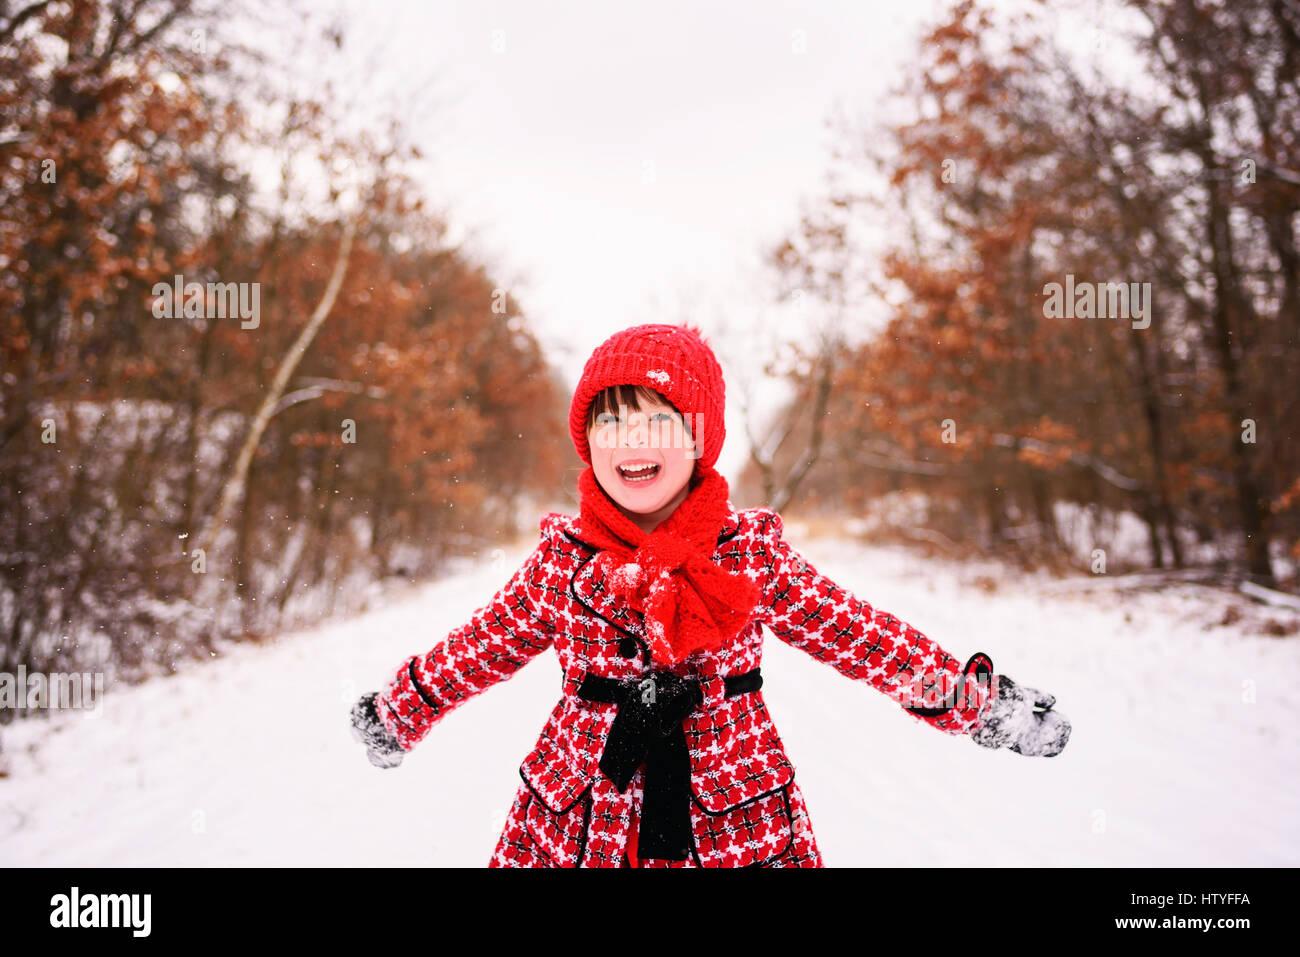 Mädchen stehen im Winterwald mit ausgestreckten Armen Stockfoto